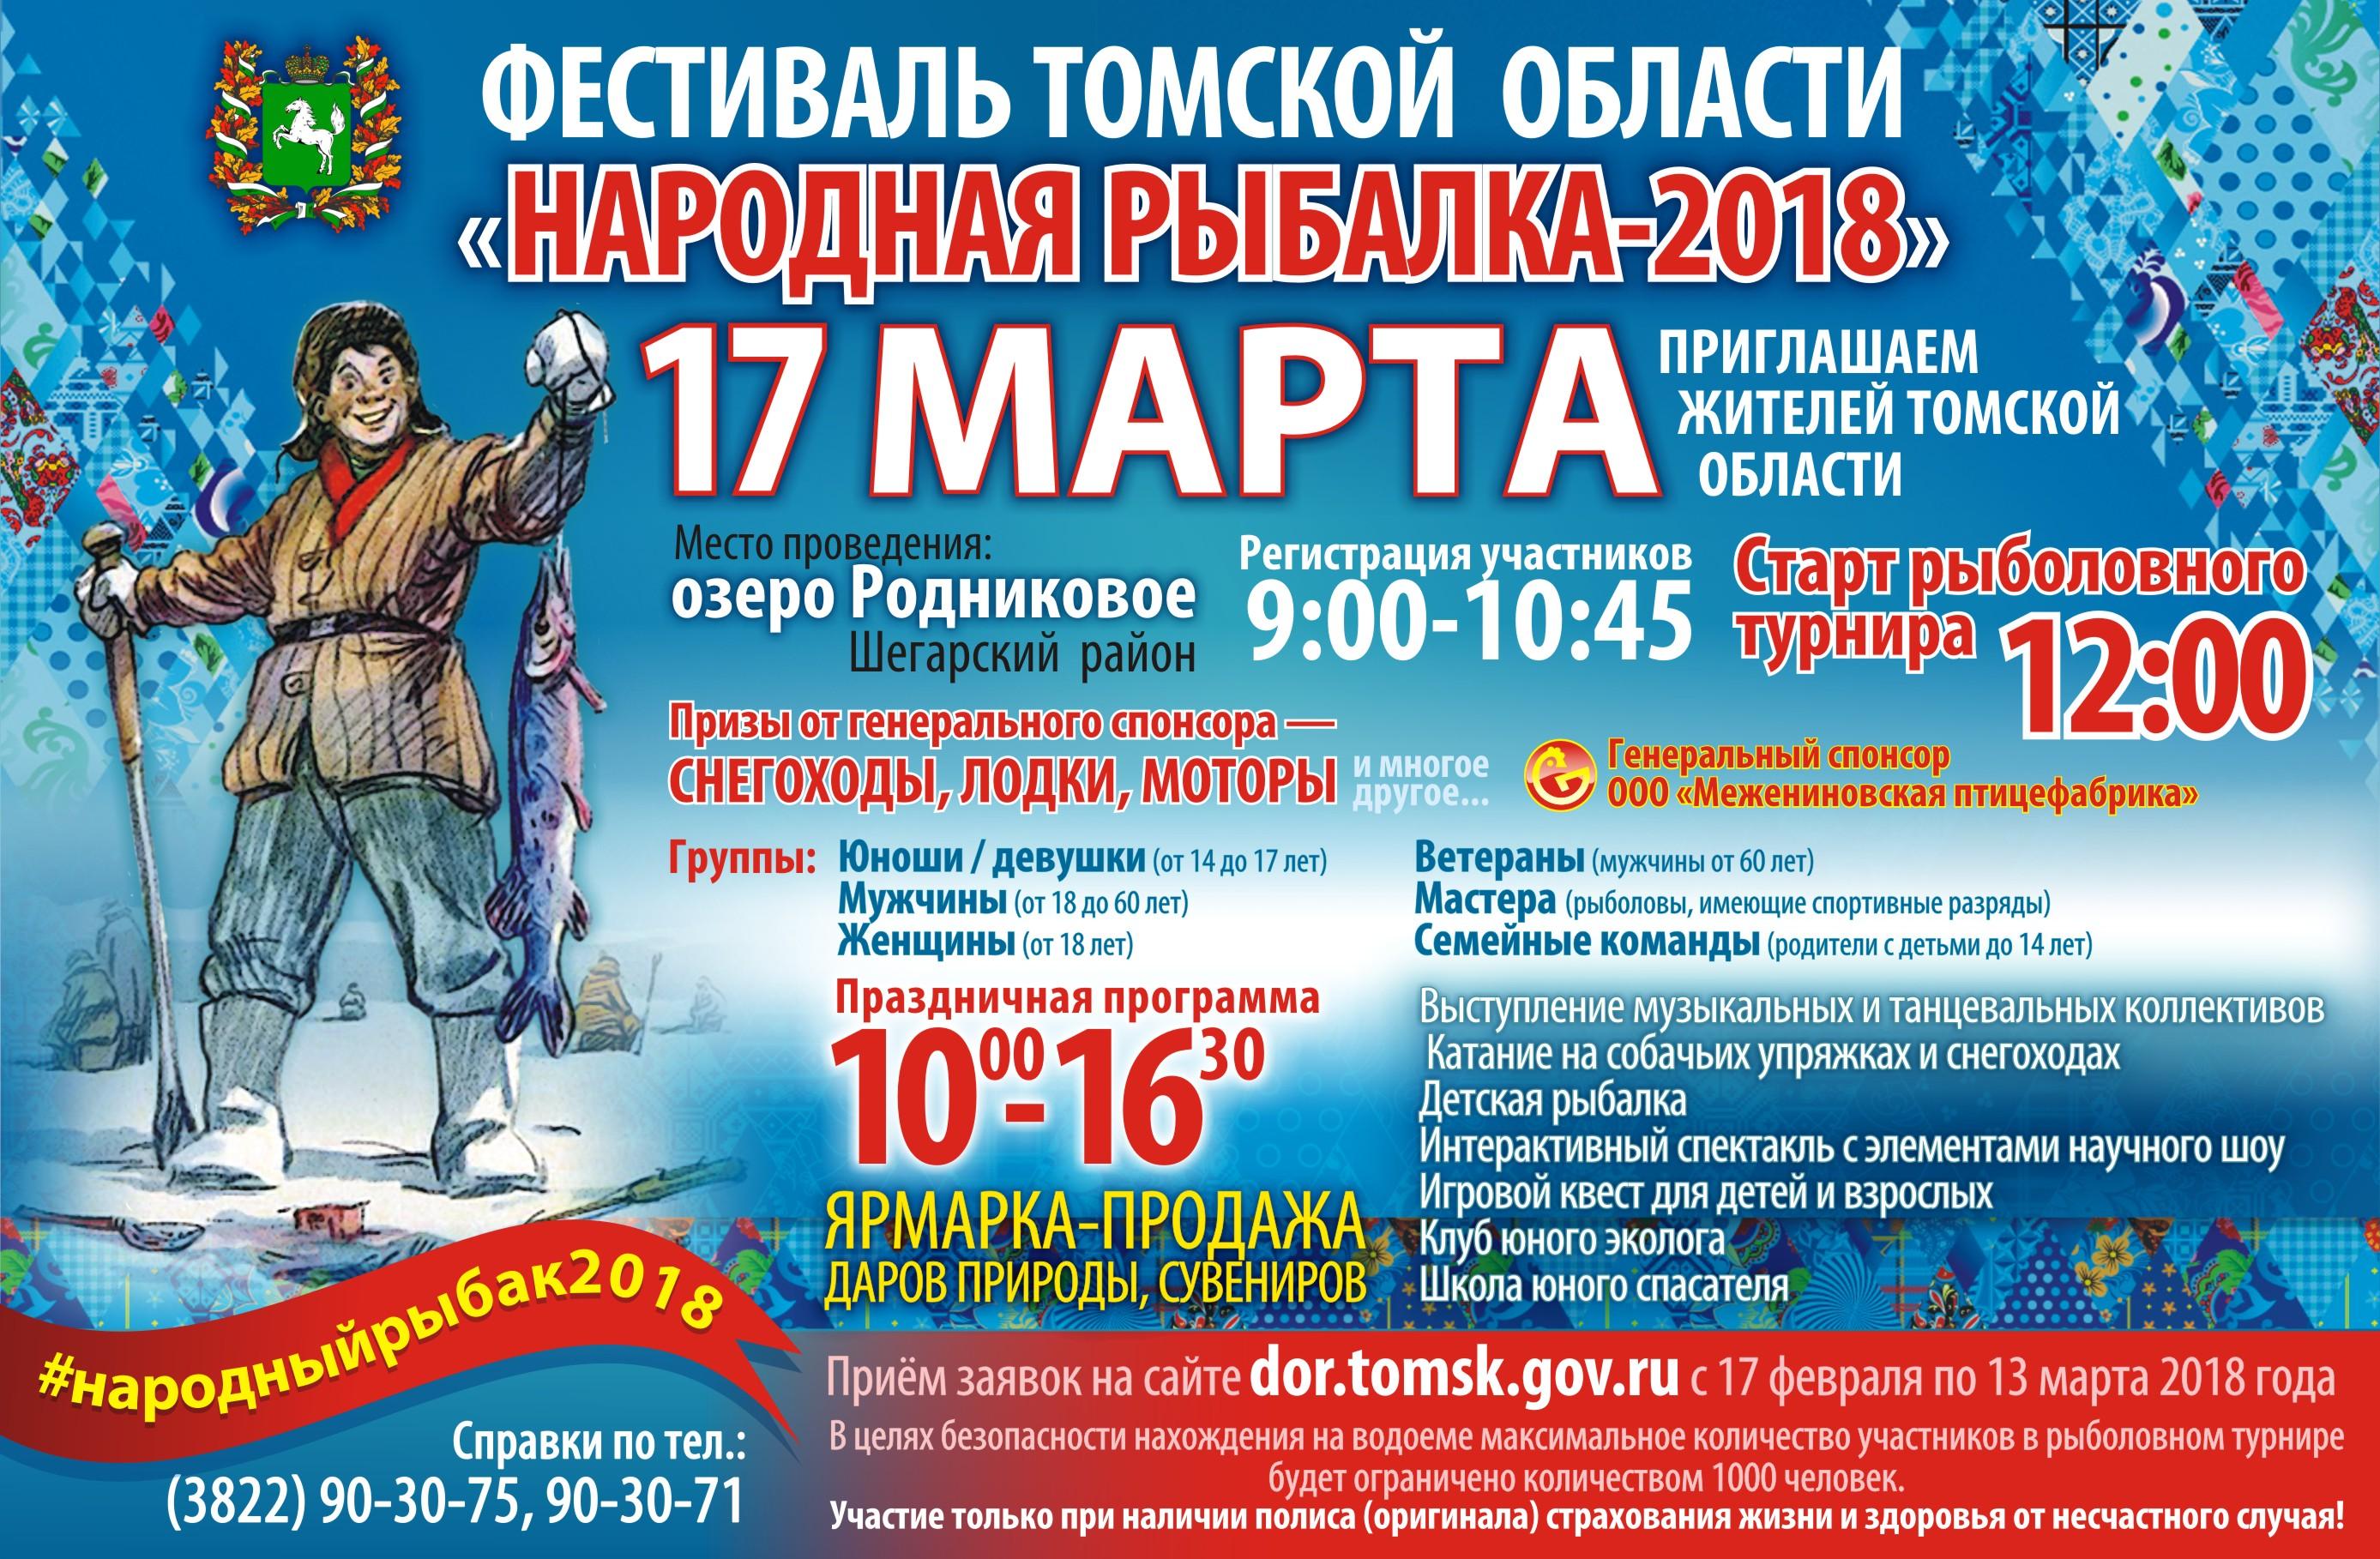 Фестиваль Томской области «Народная рыбалка - 2018»